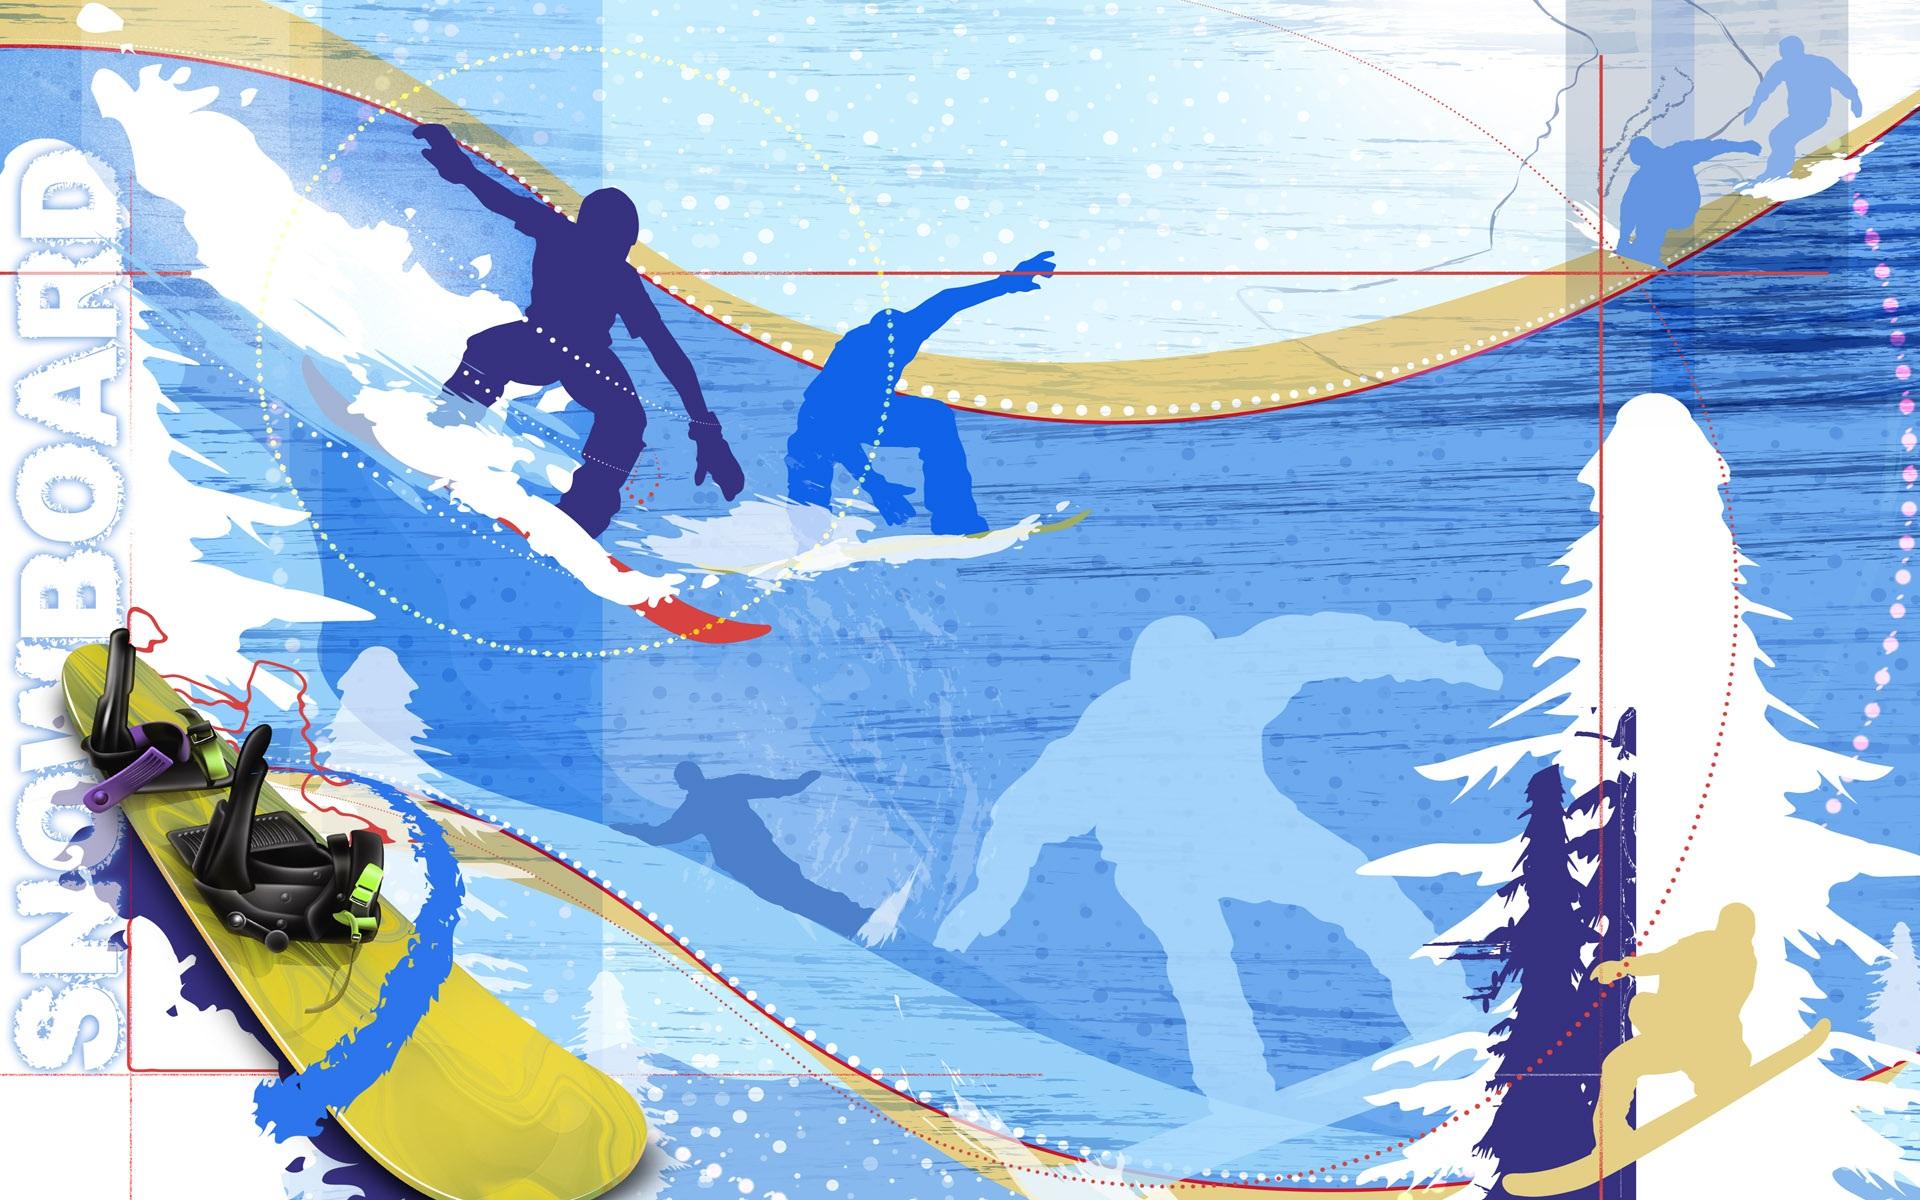 winter snowboard wallpaper, скачать обои для рабочего стола